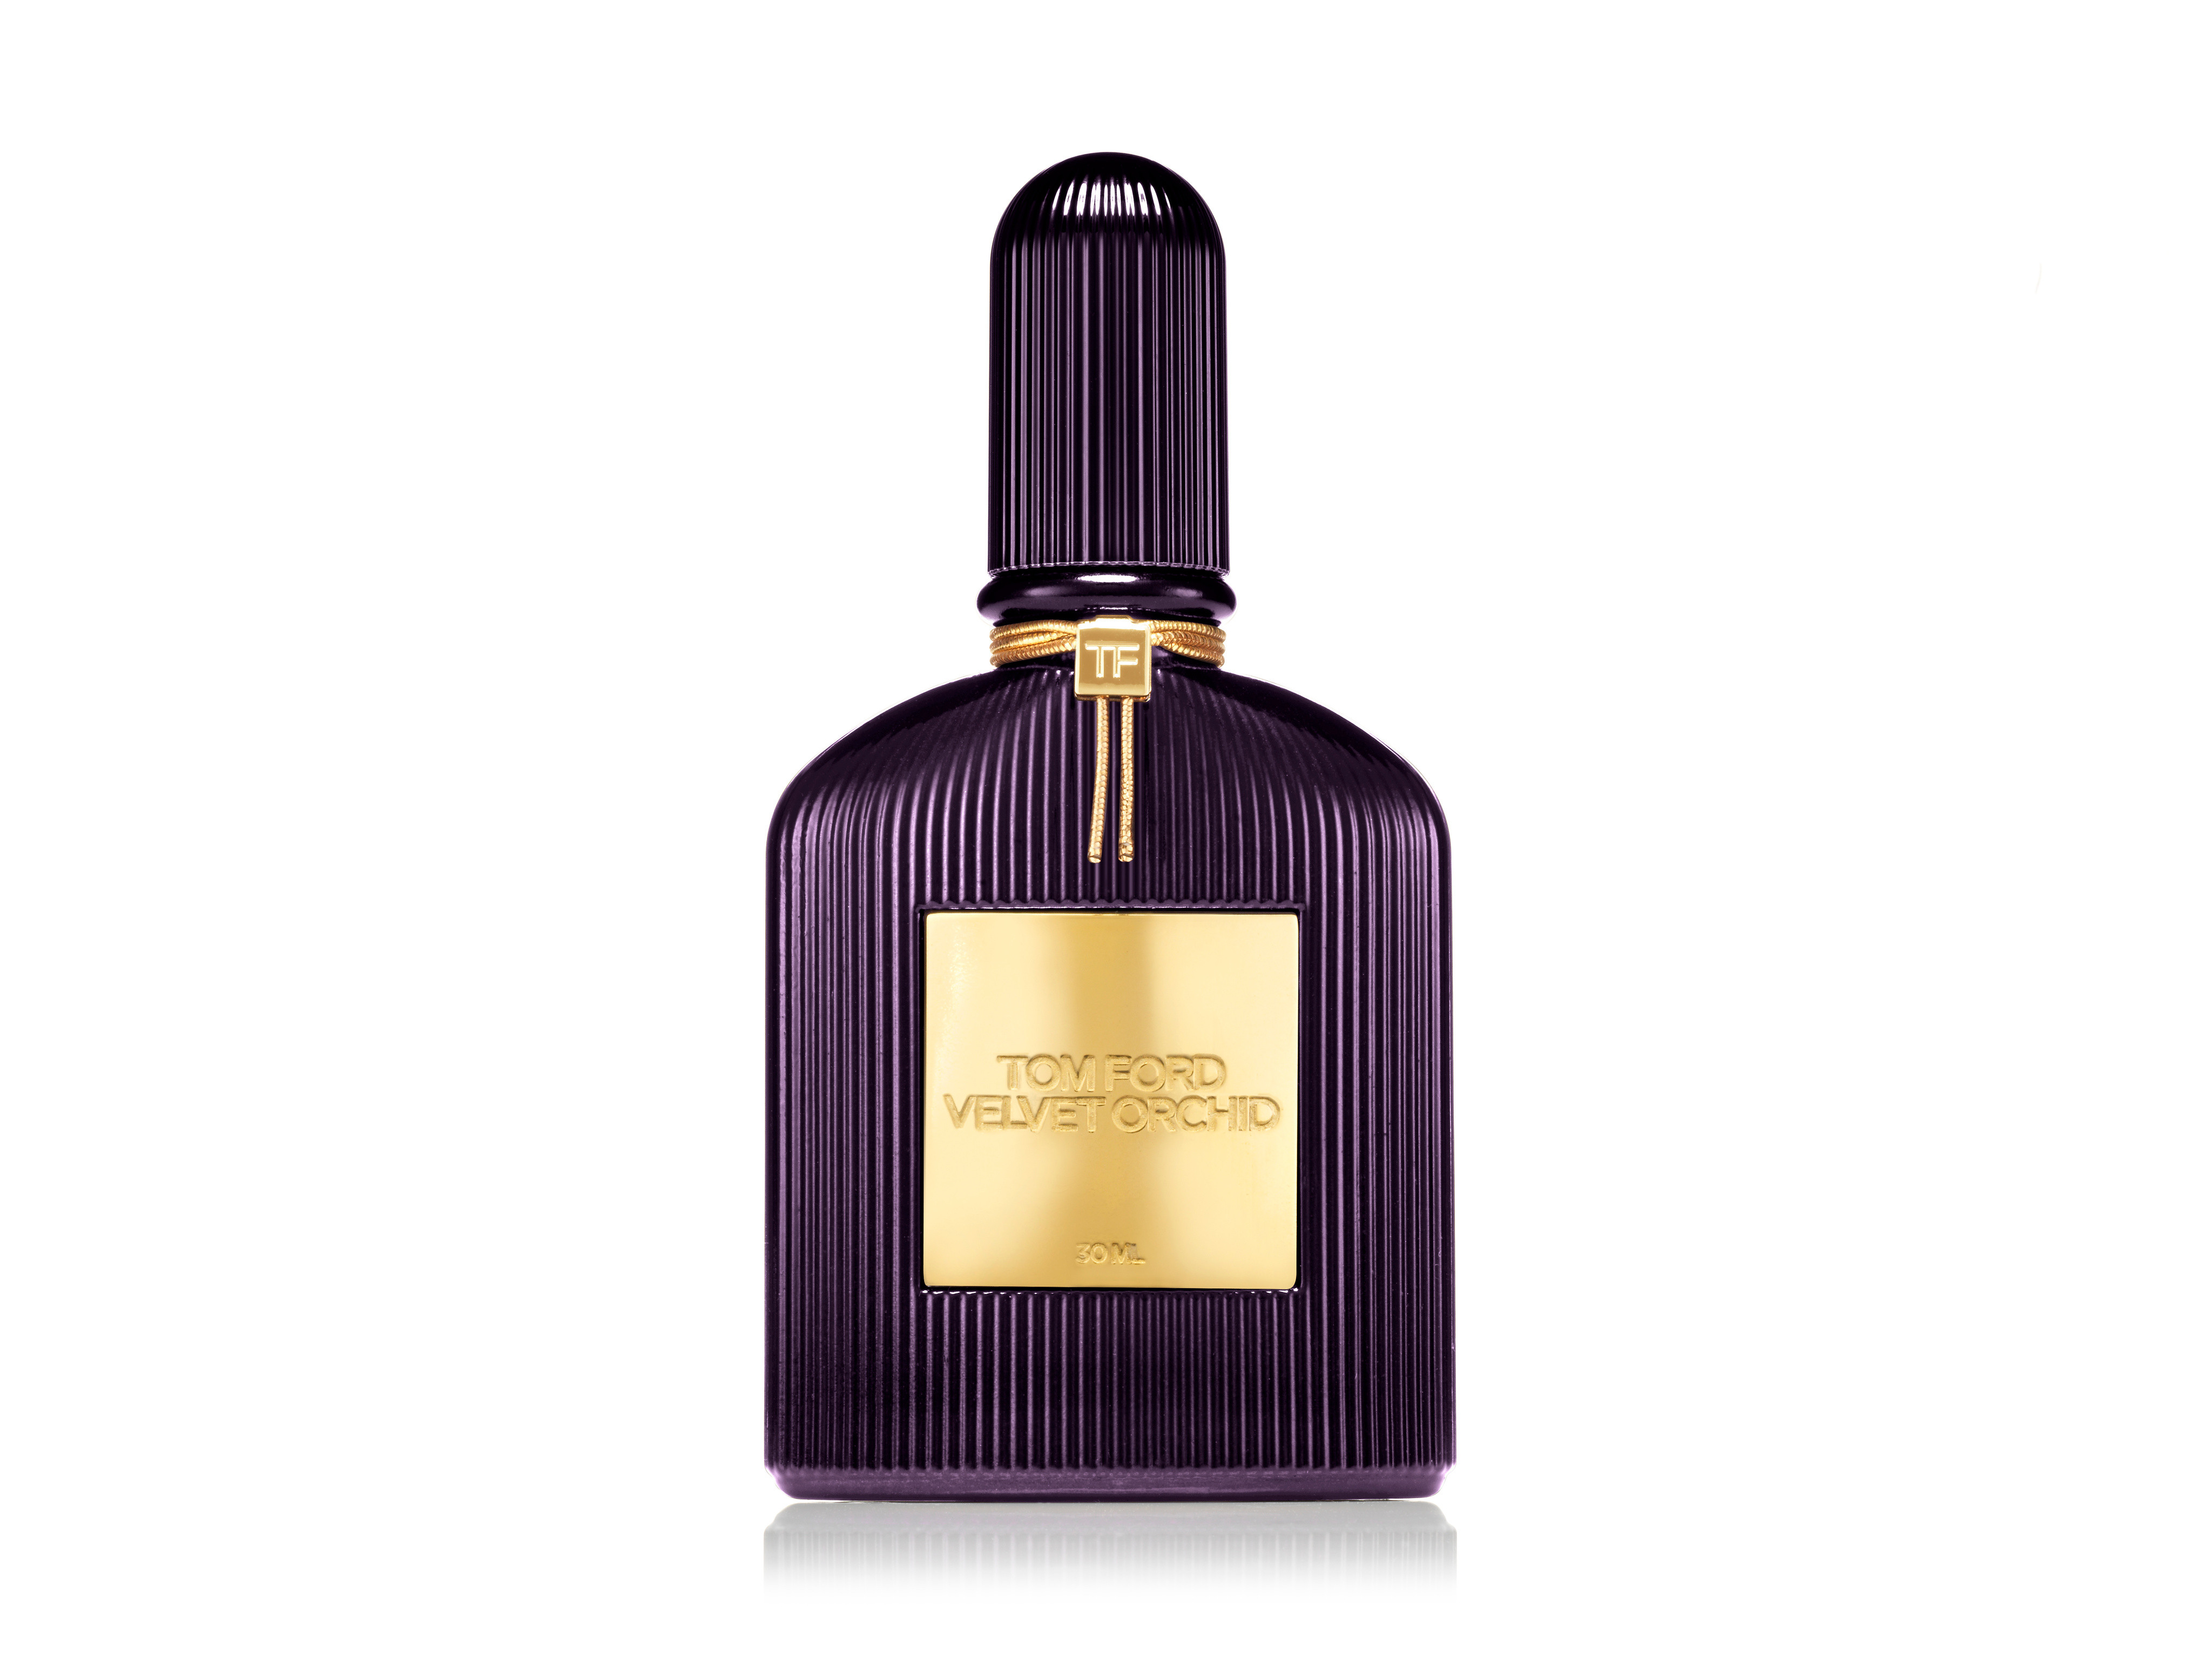 Tom Ford Velvet Orchid Eau de Parfum, Viola, large image number 0